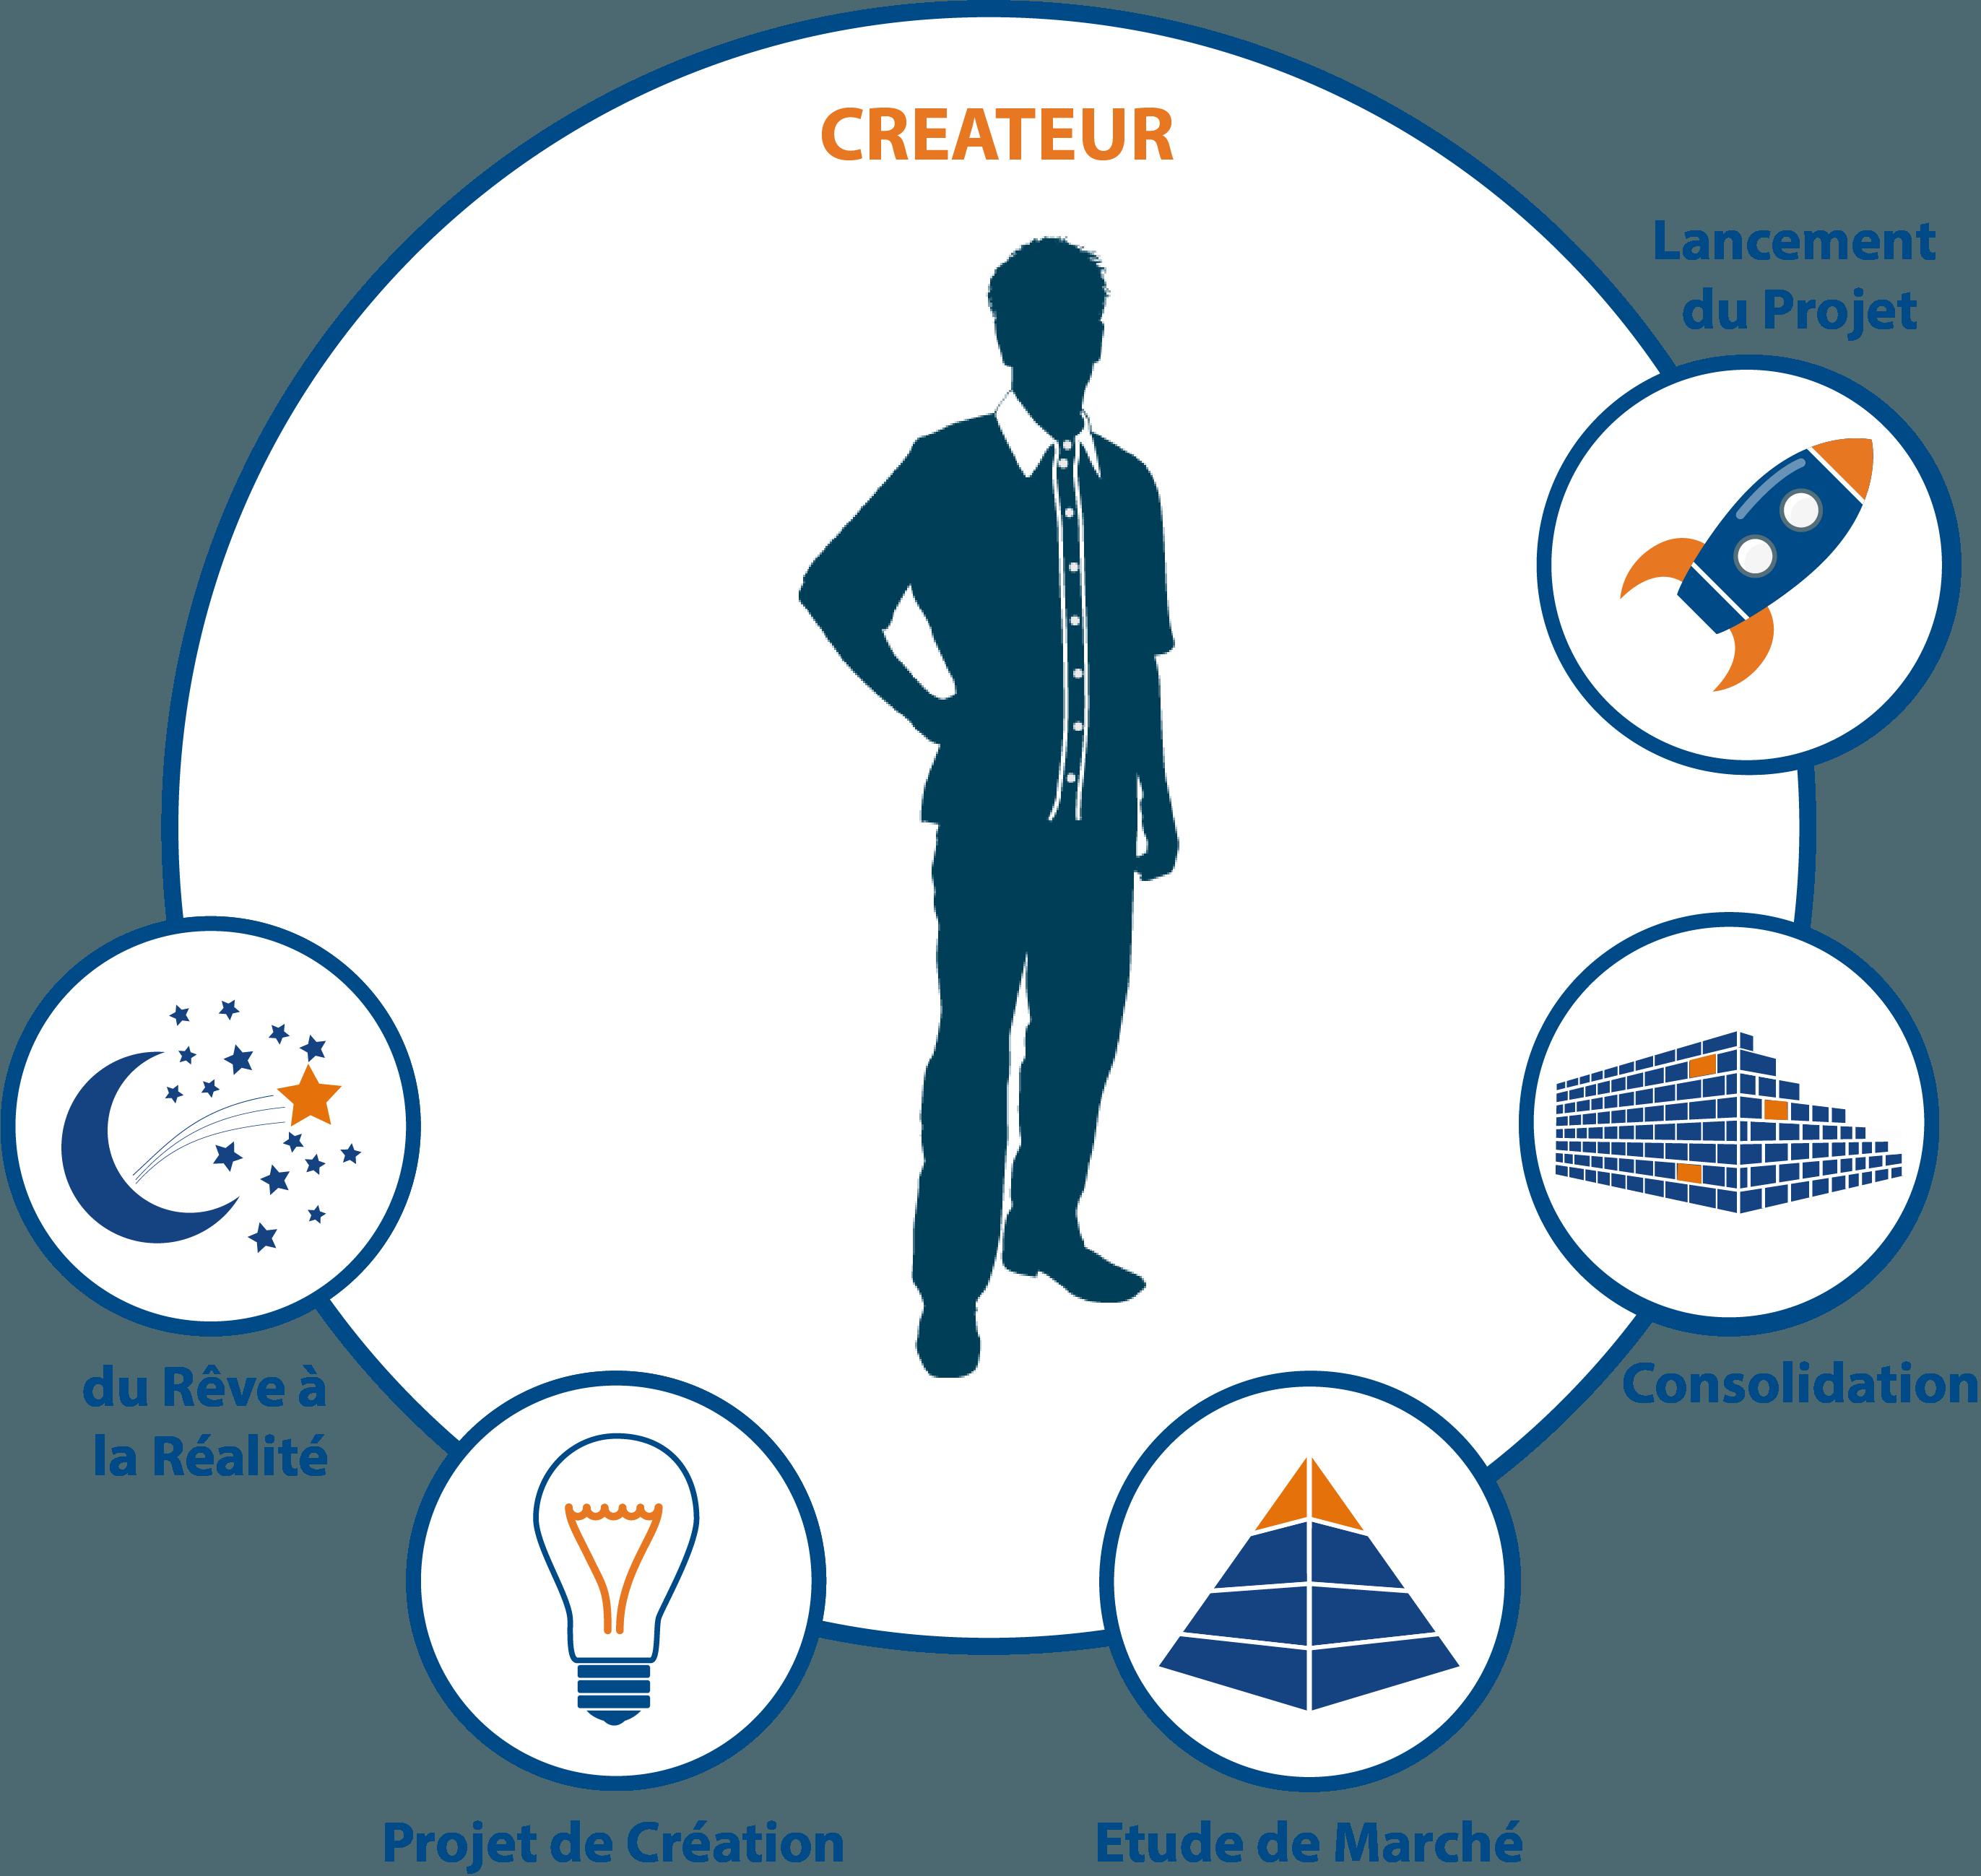 La création d'entreprise, de l'idée au lancement du Projet